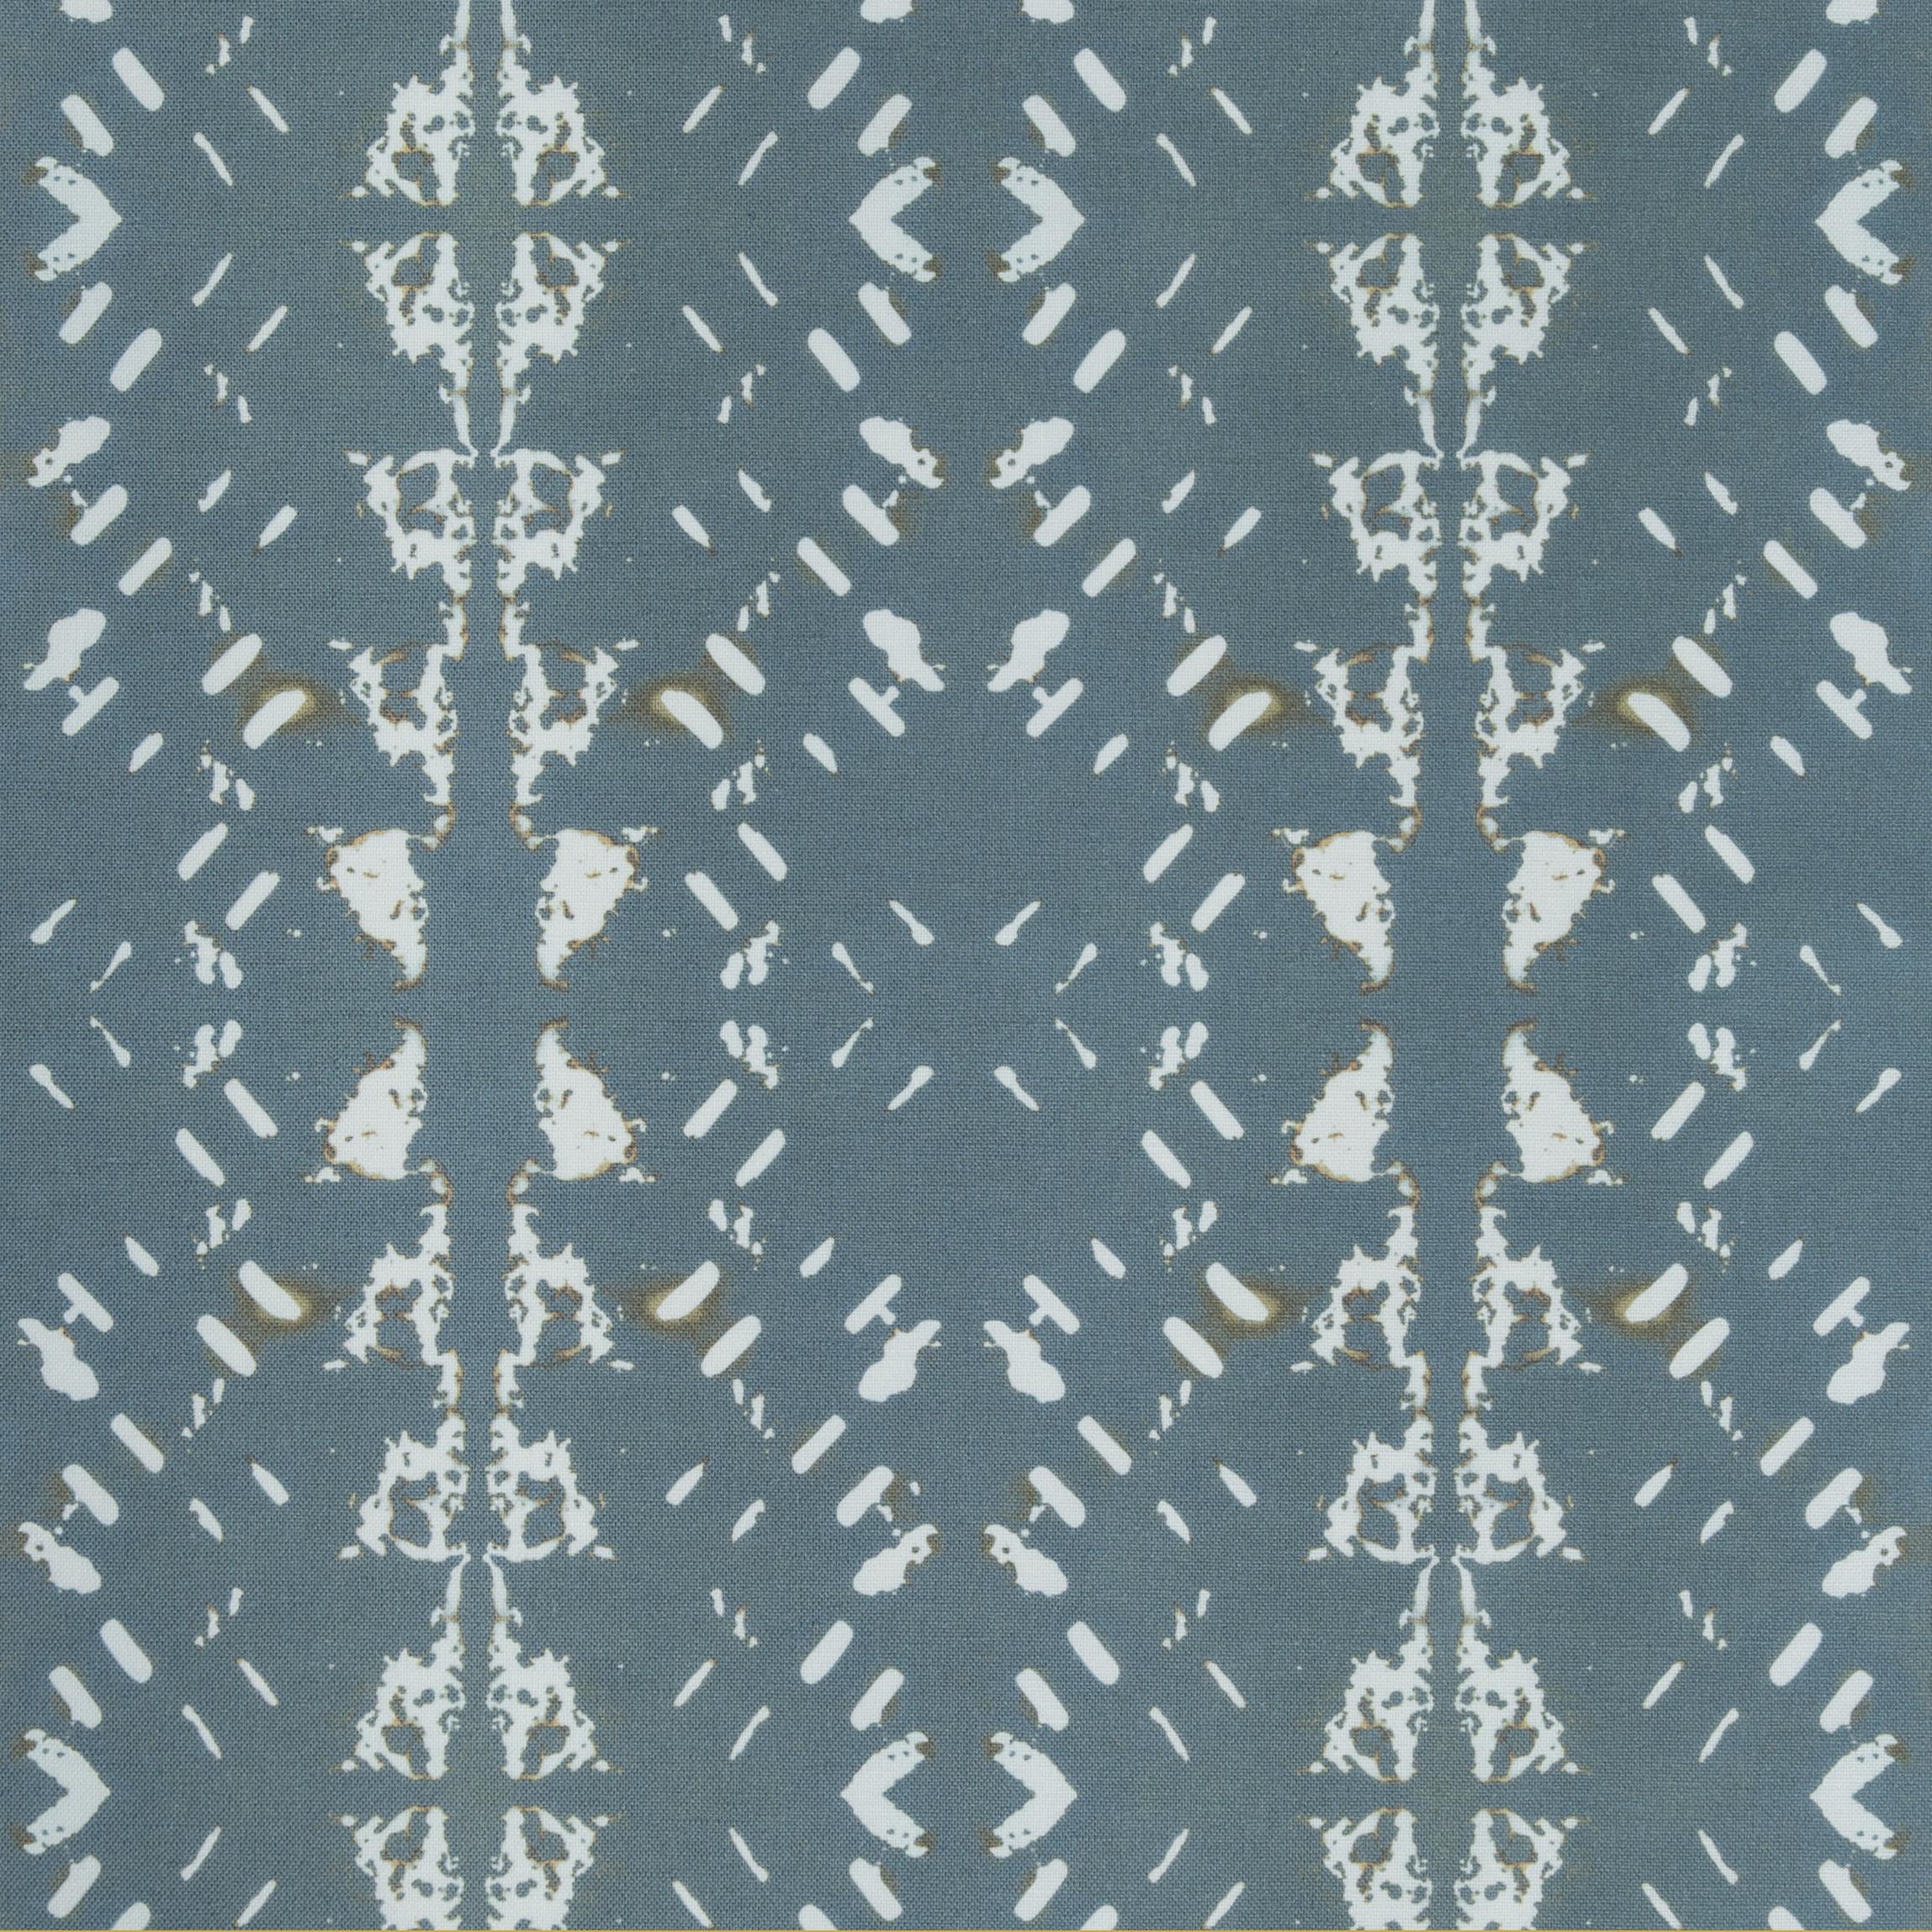 Native Embers Petrol Fabric Repeat